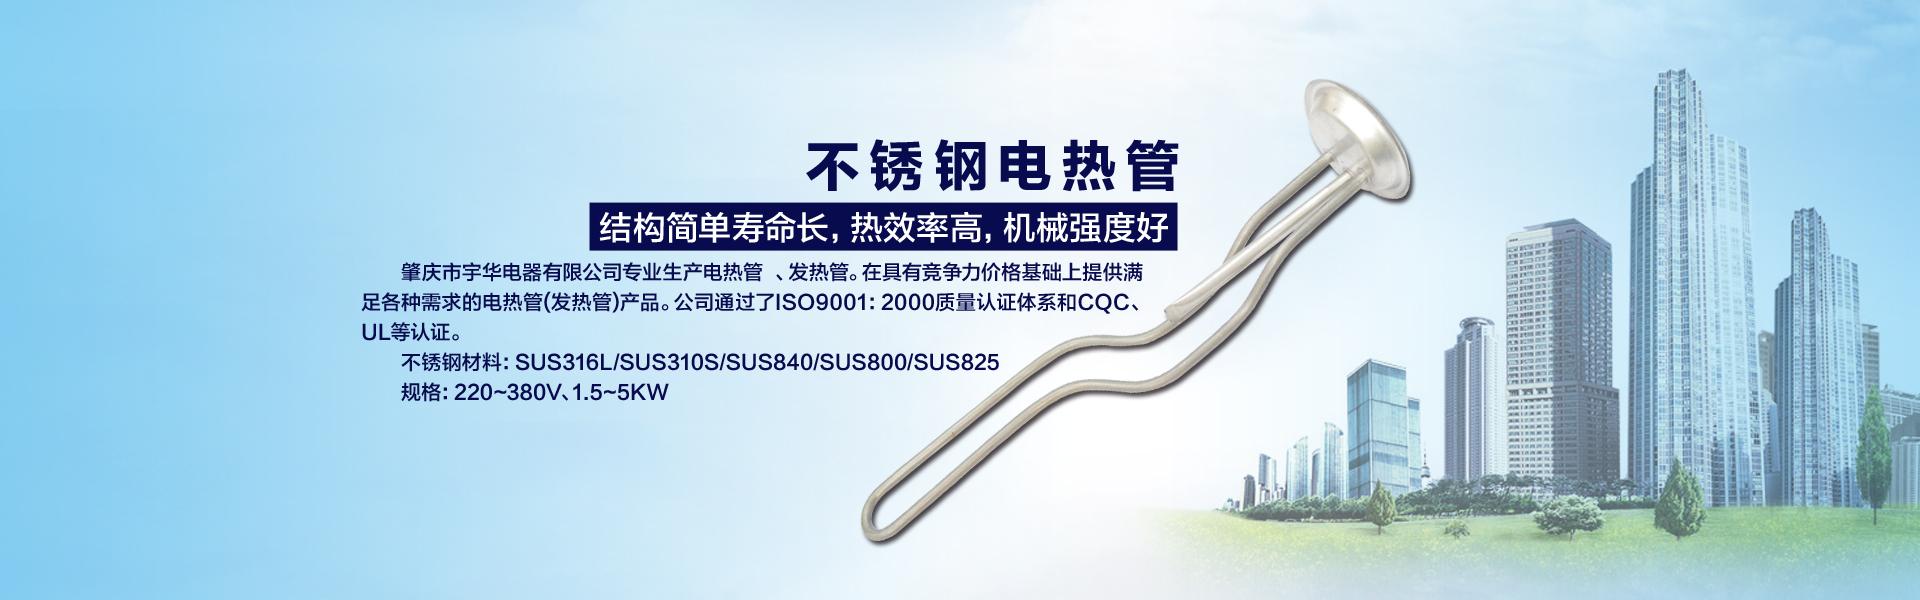 www.536488.com专业生产家用电热水器,单头电热管和不锈钢电热管。